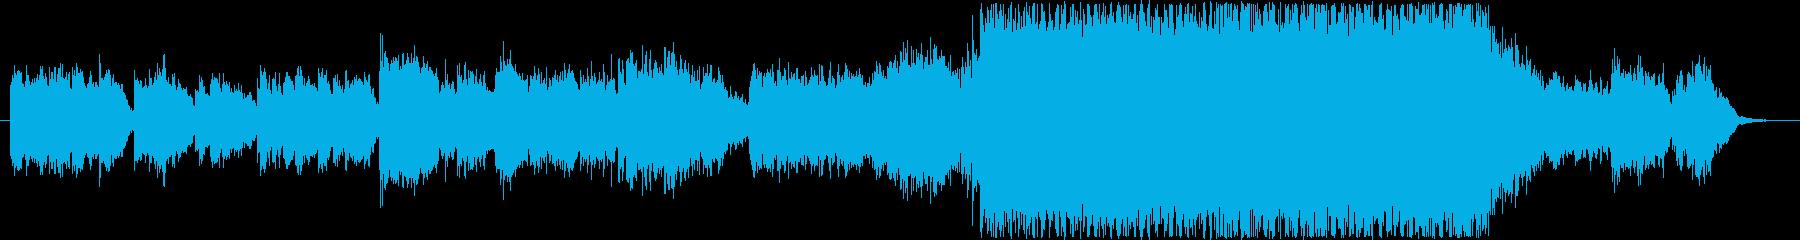 サイバーパンクな街のイメージのBGMの再生済みの波形